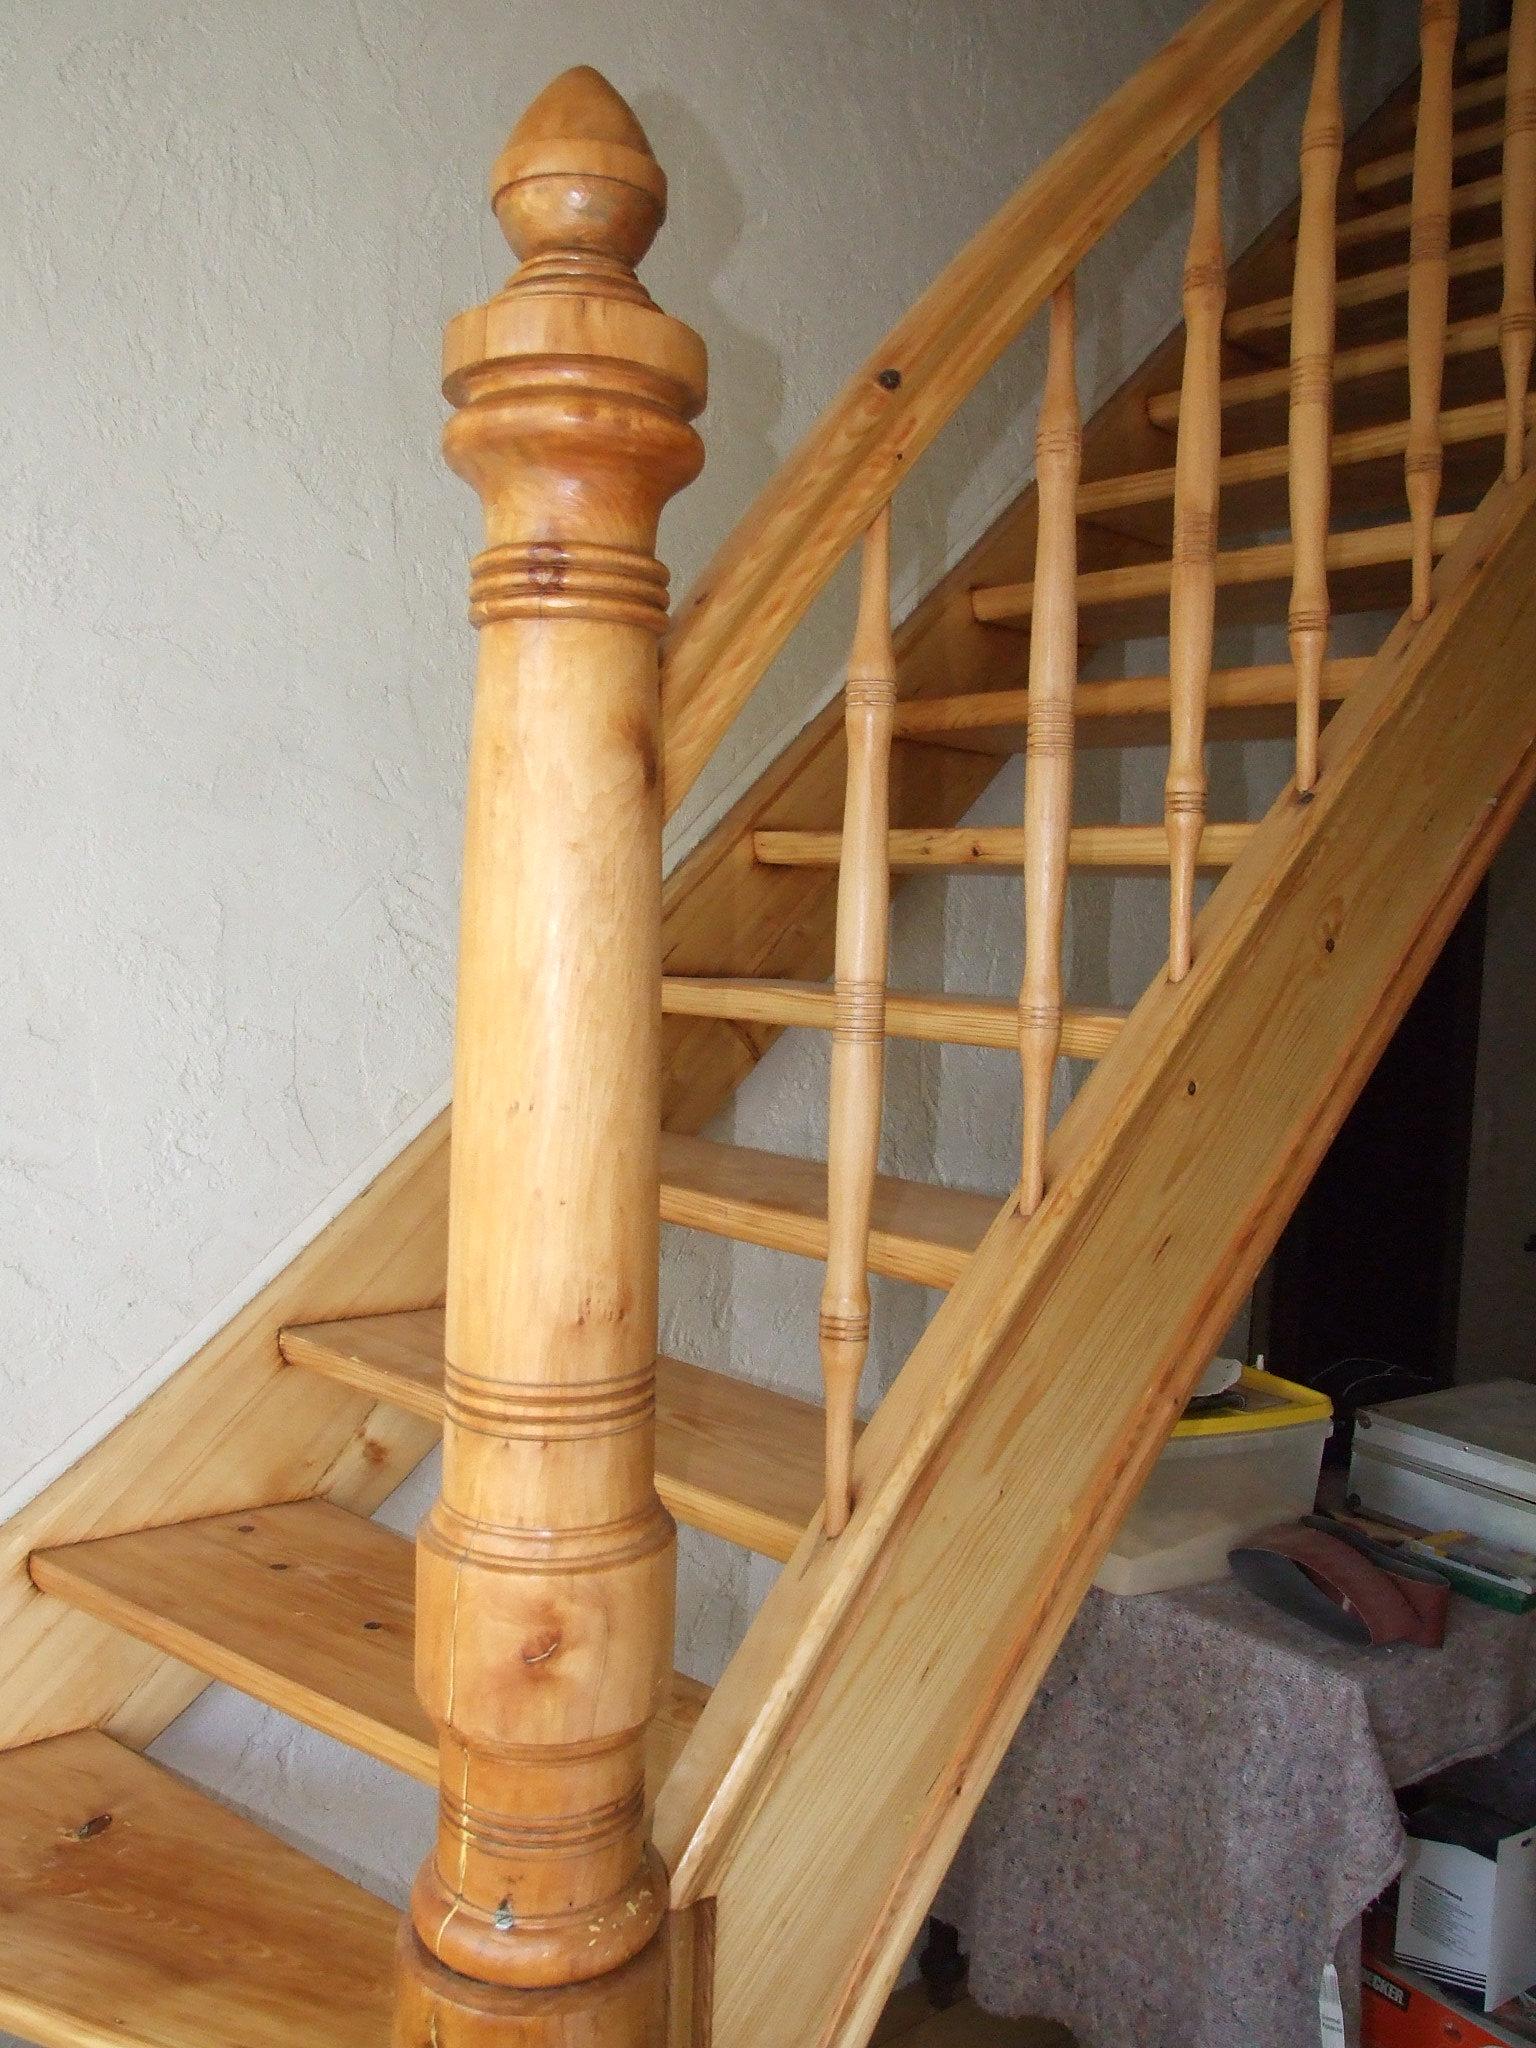 restaurierung von holztreppen treppensanierung k ln d sseldorf treppe restaurieren remscheid. Black Bedroom Furniture Sets. Home Design Ideas